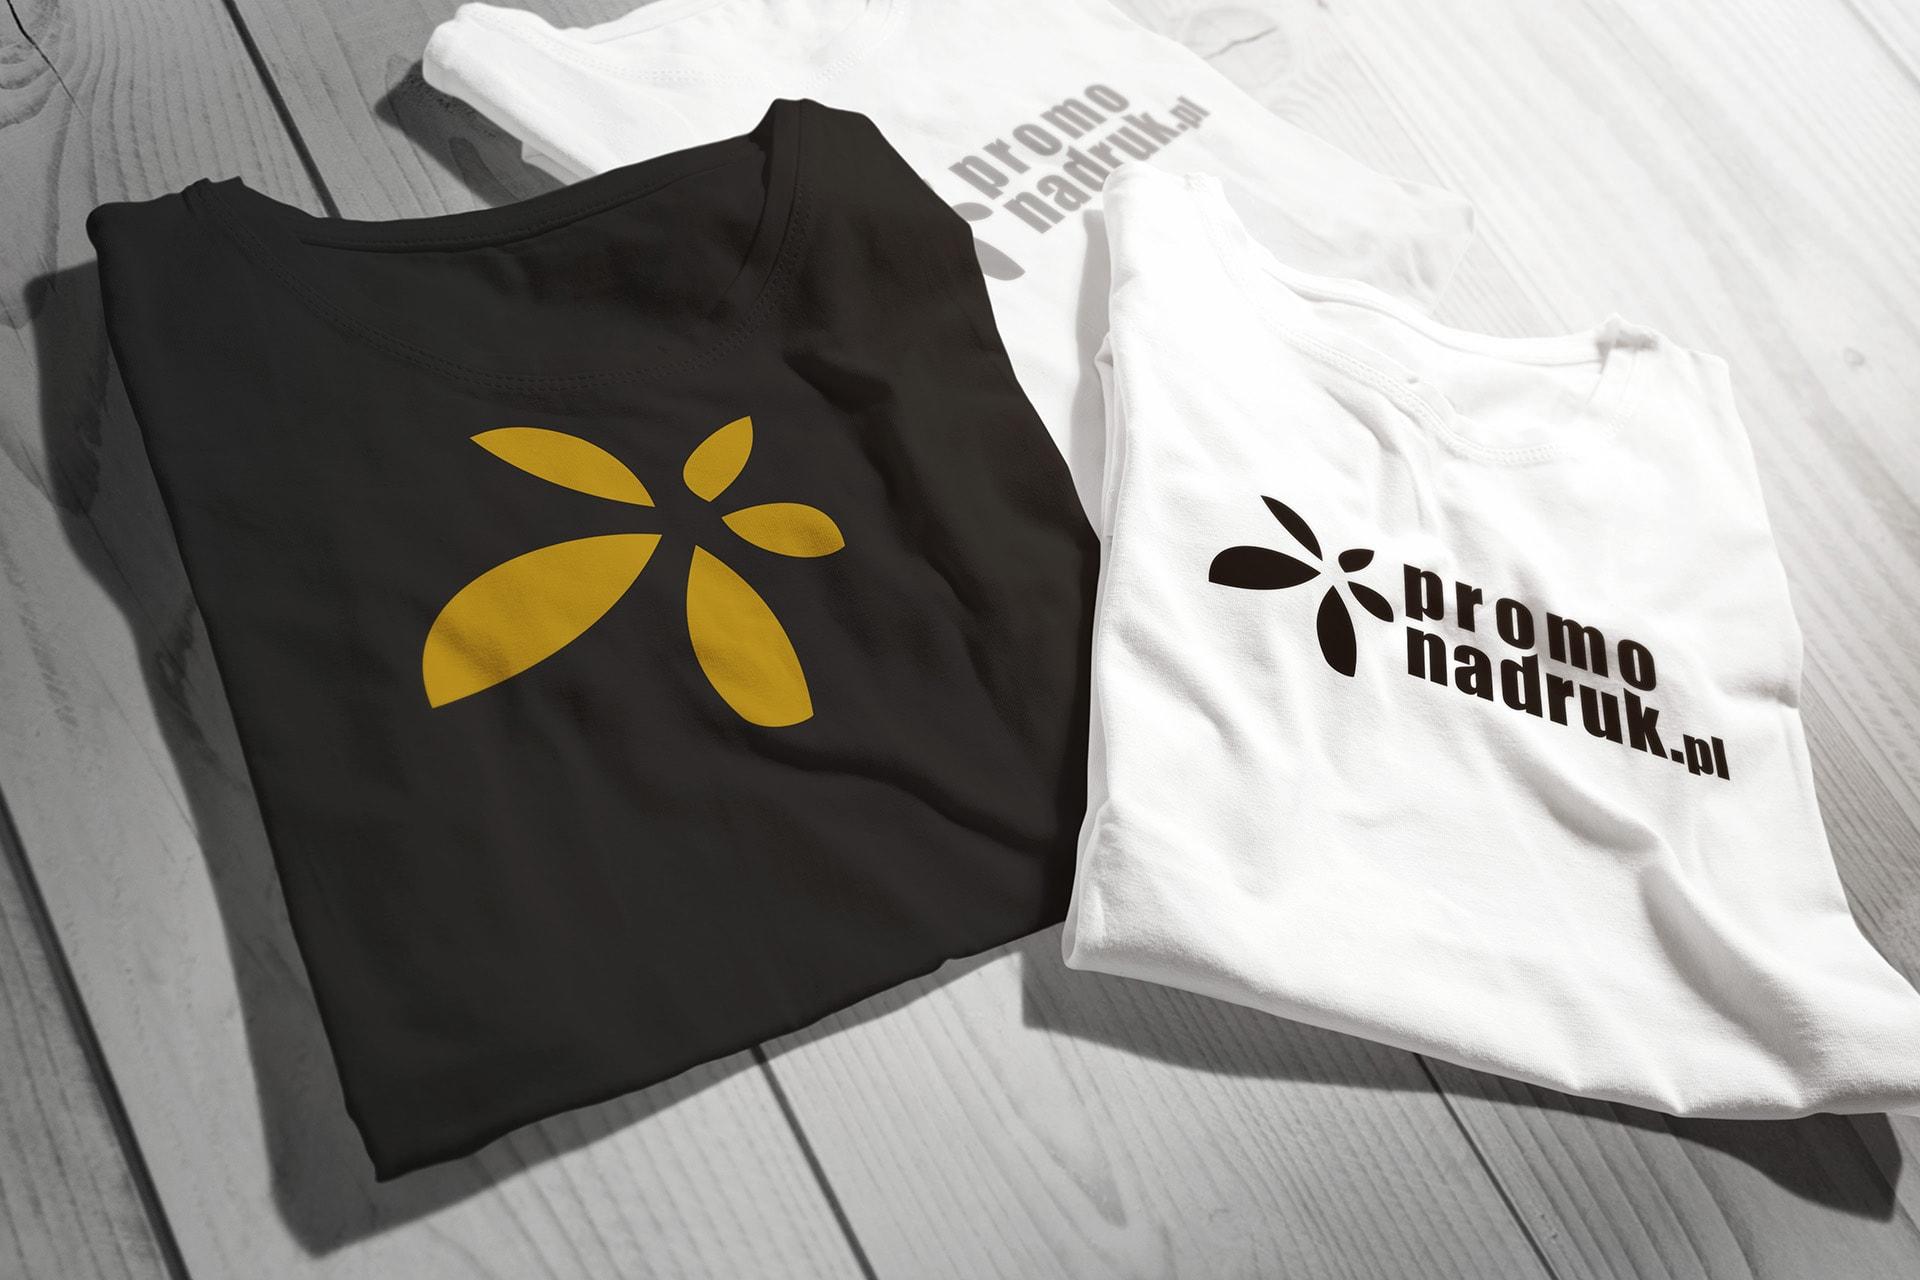 Zadrukowane koszulki metodą sitodruku